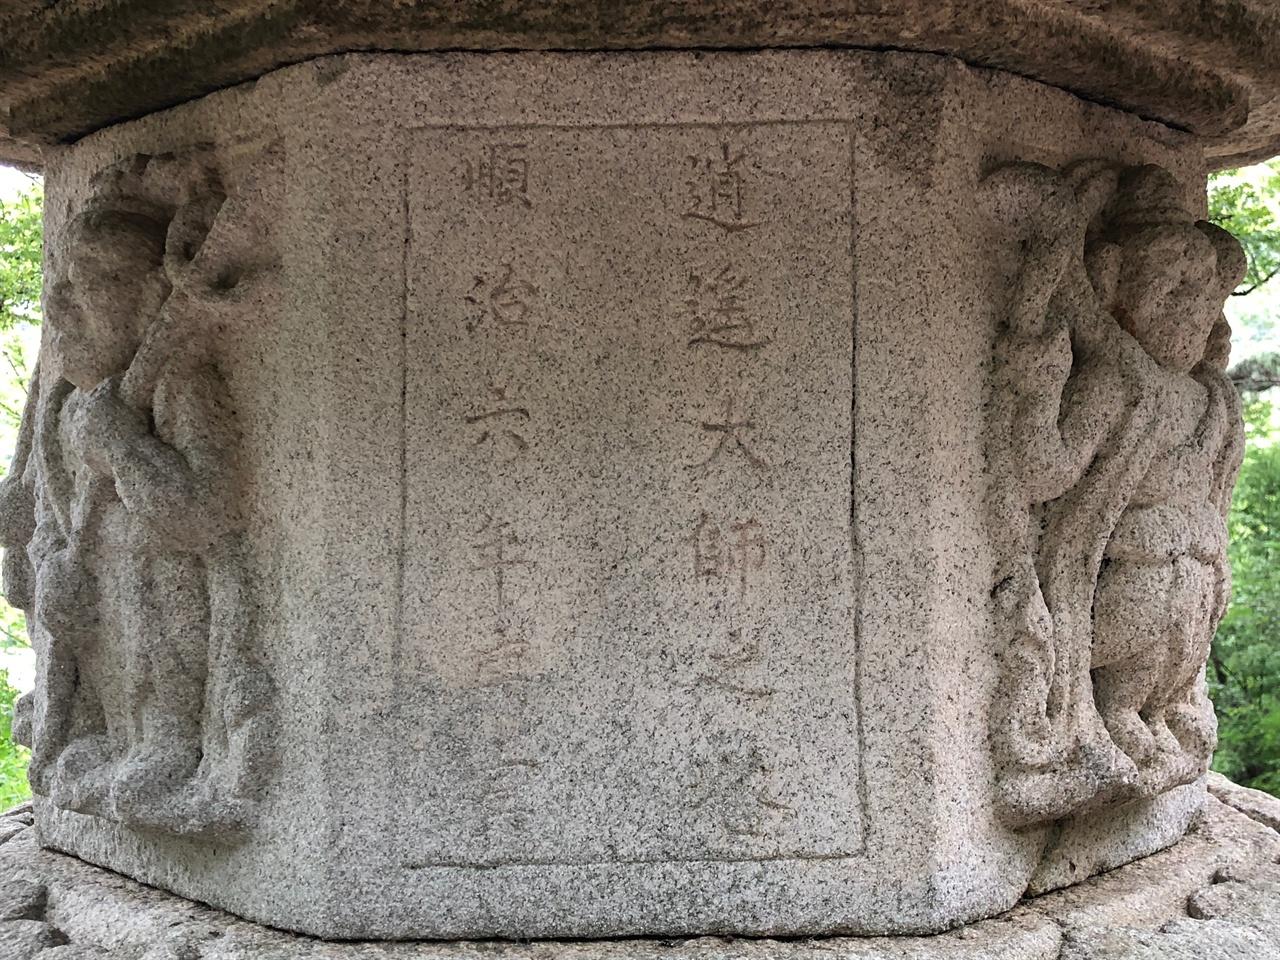 지리산 연곡사 소요대사탑 '소요대사지탑'(逍遙大師之塔)과 '순치육년경인'(順治六年庚寅)